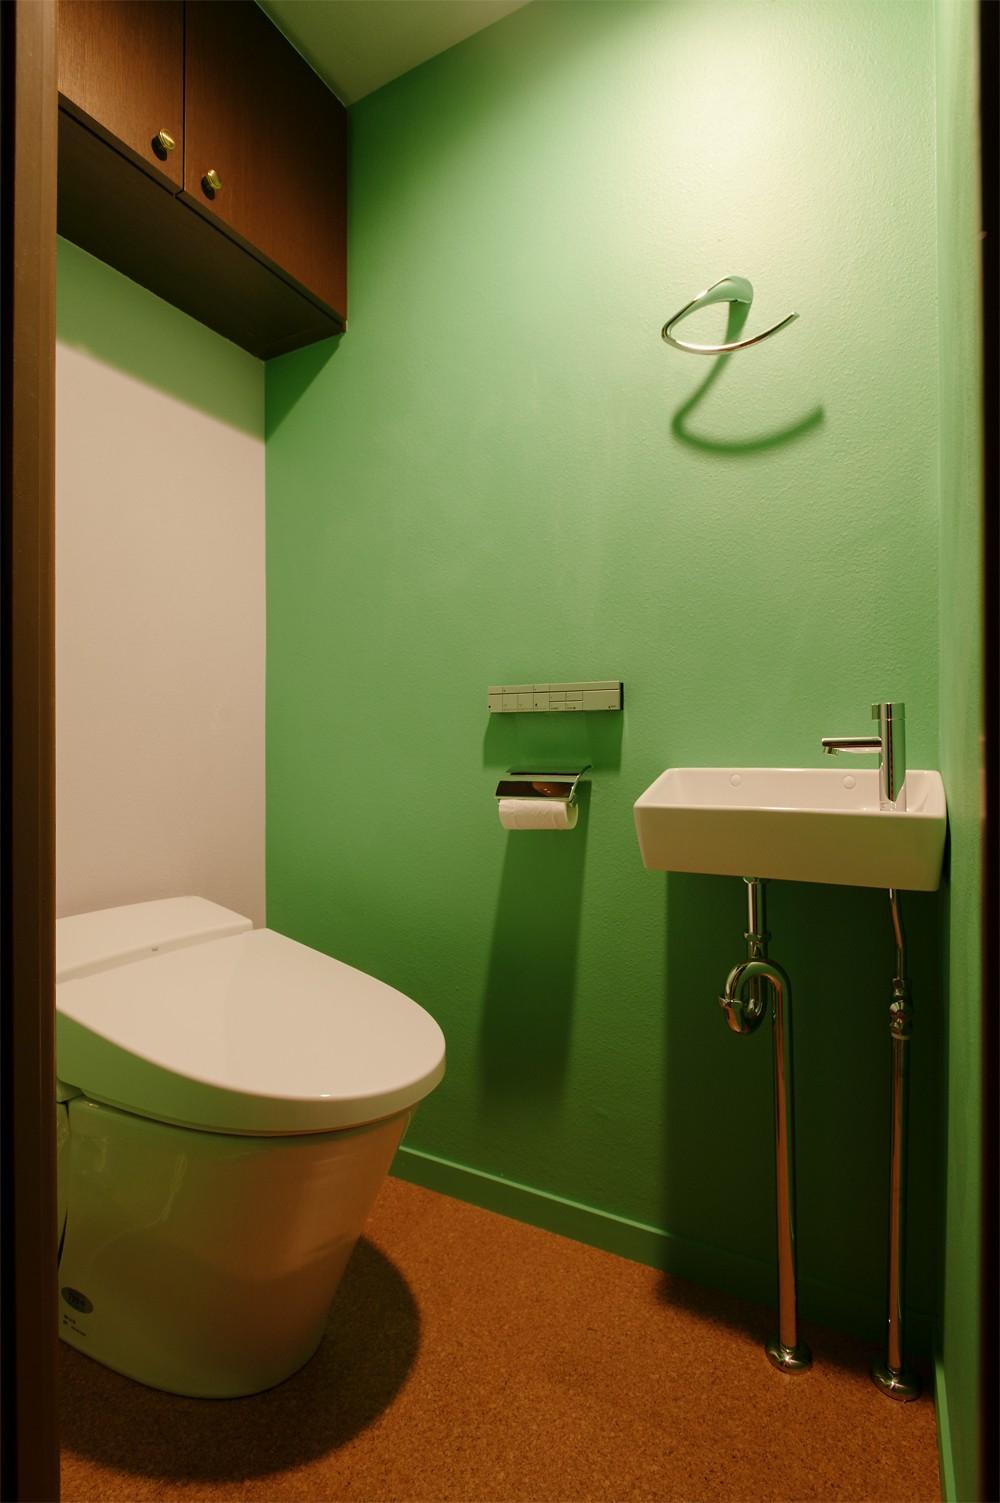 バス/トイレ事例:トイレ(N様邸_2人で塗った壁のアクセントカラー)